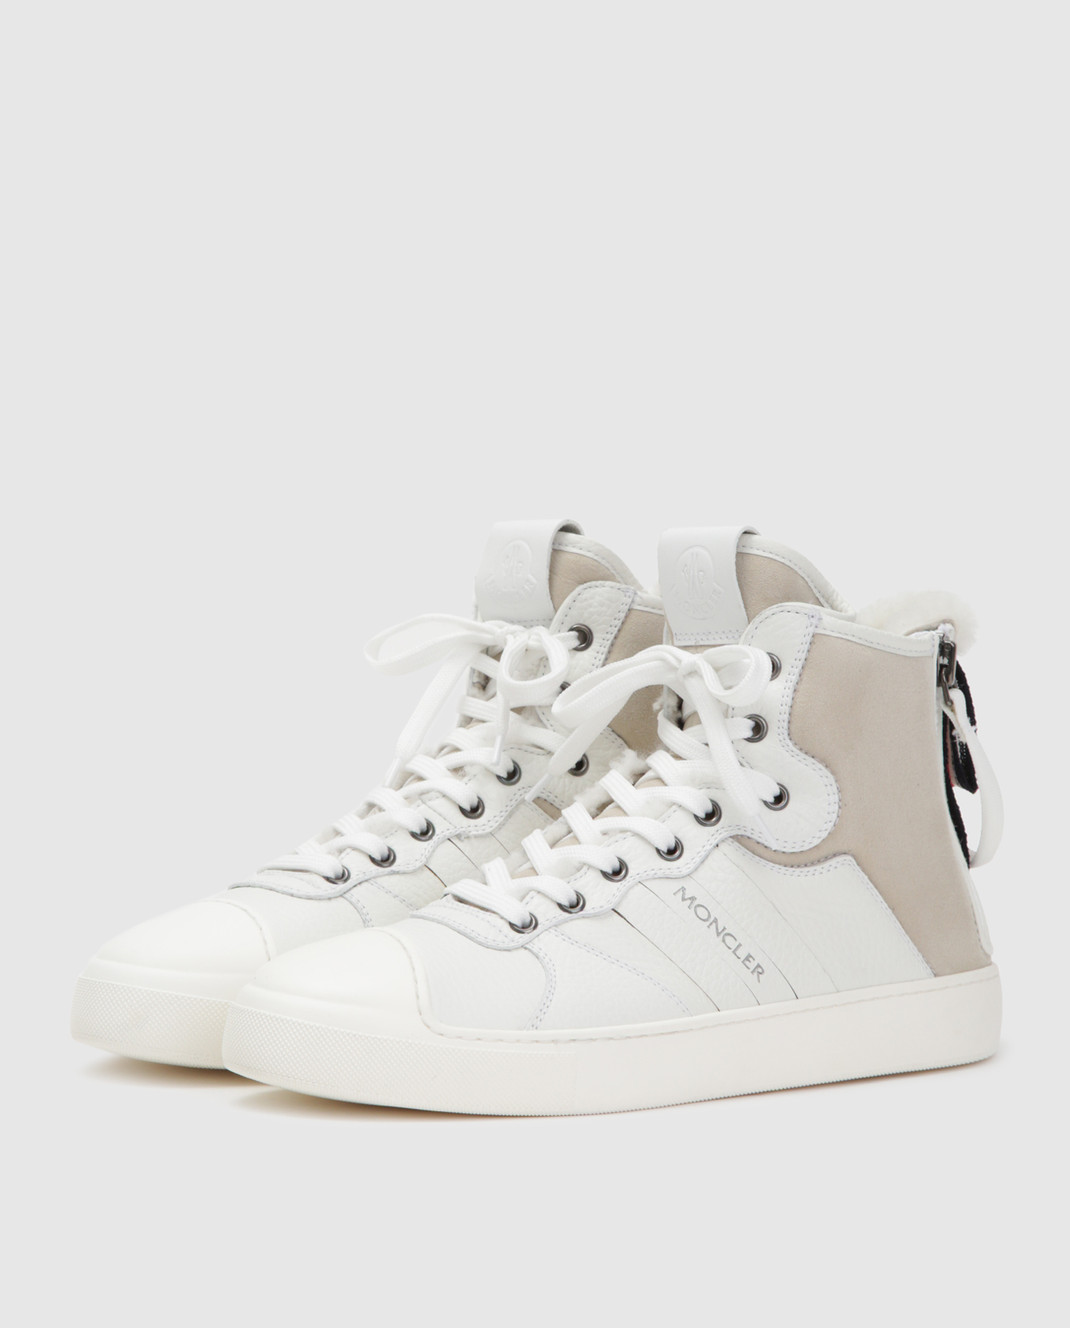 Moncler Белые кожаные хайтопы 20496 изображение 3